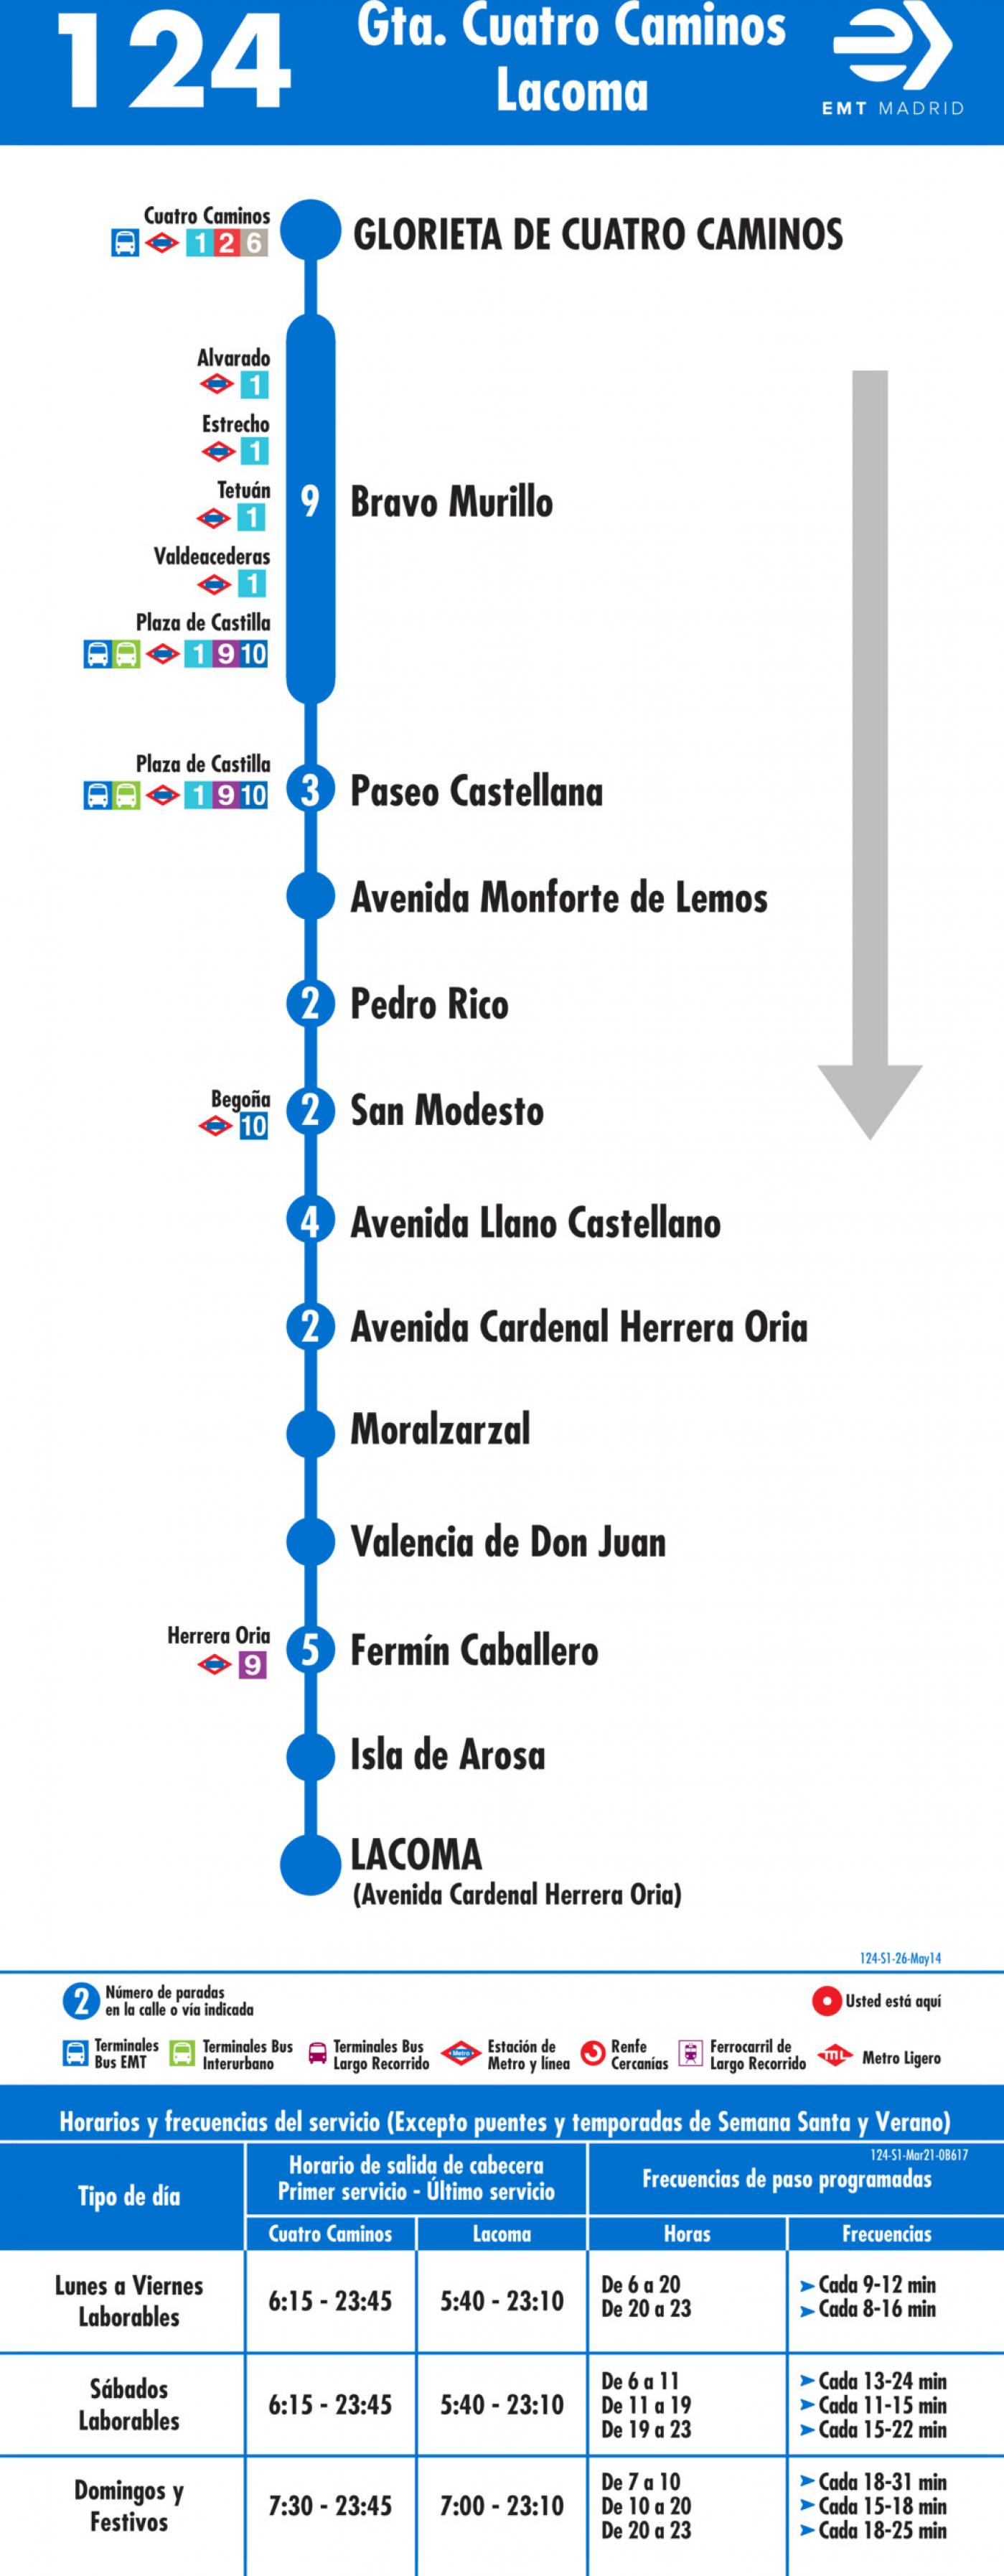 Tabla de horarios y frecuencias de paso en sentido ida Línea 124: Glorieta de Cuatro Caminos - Lacoma